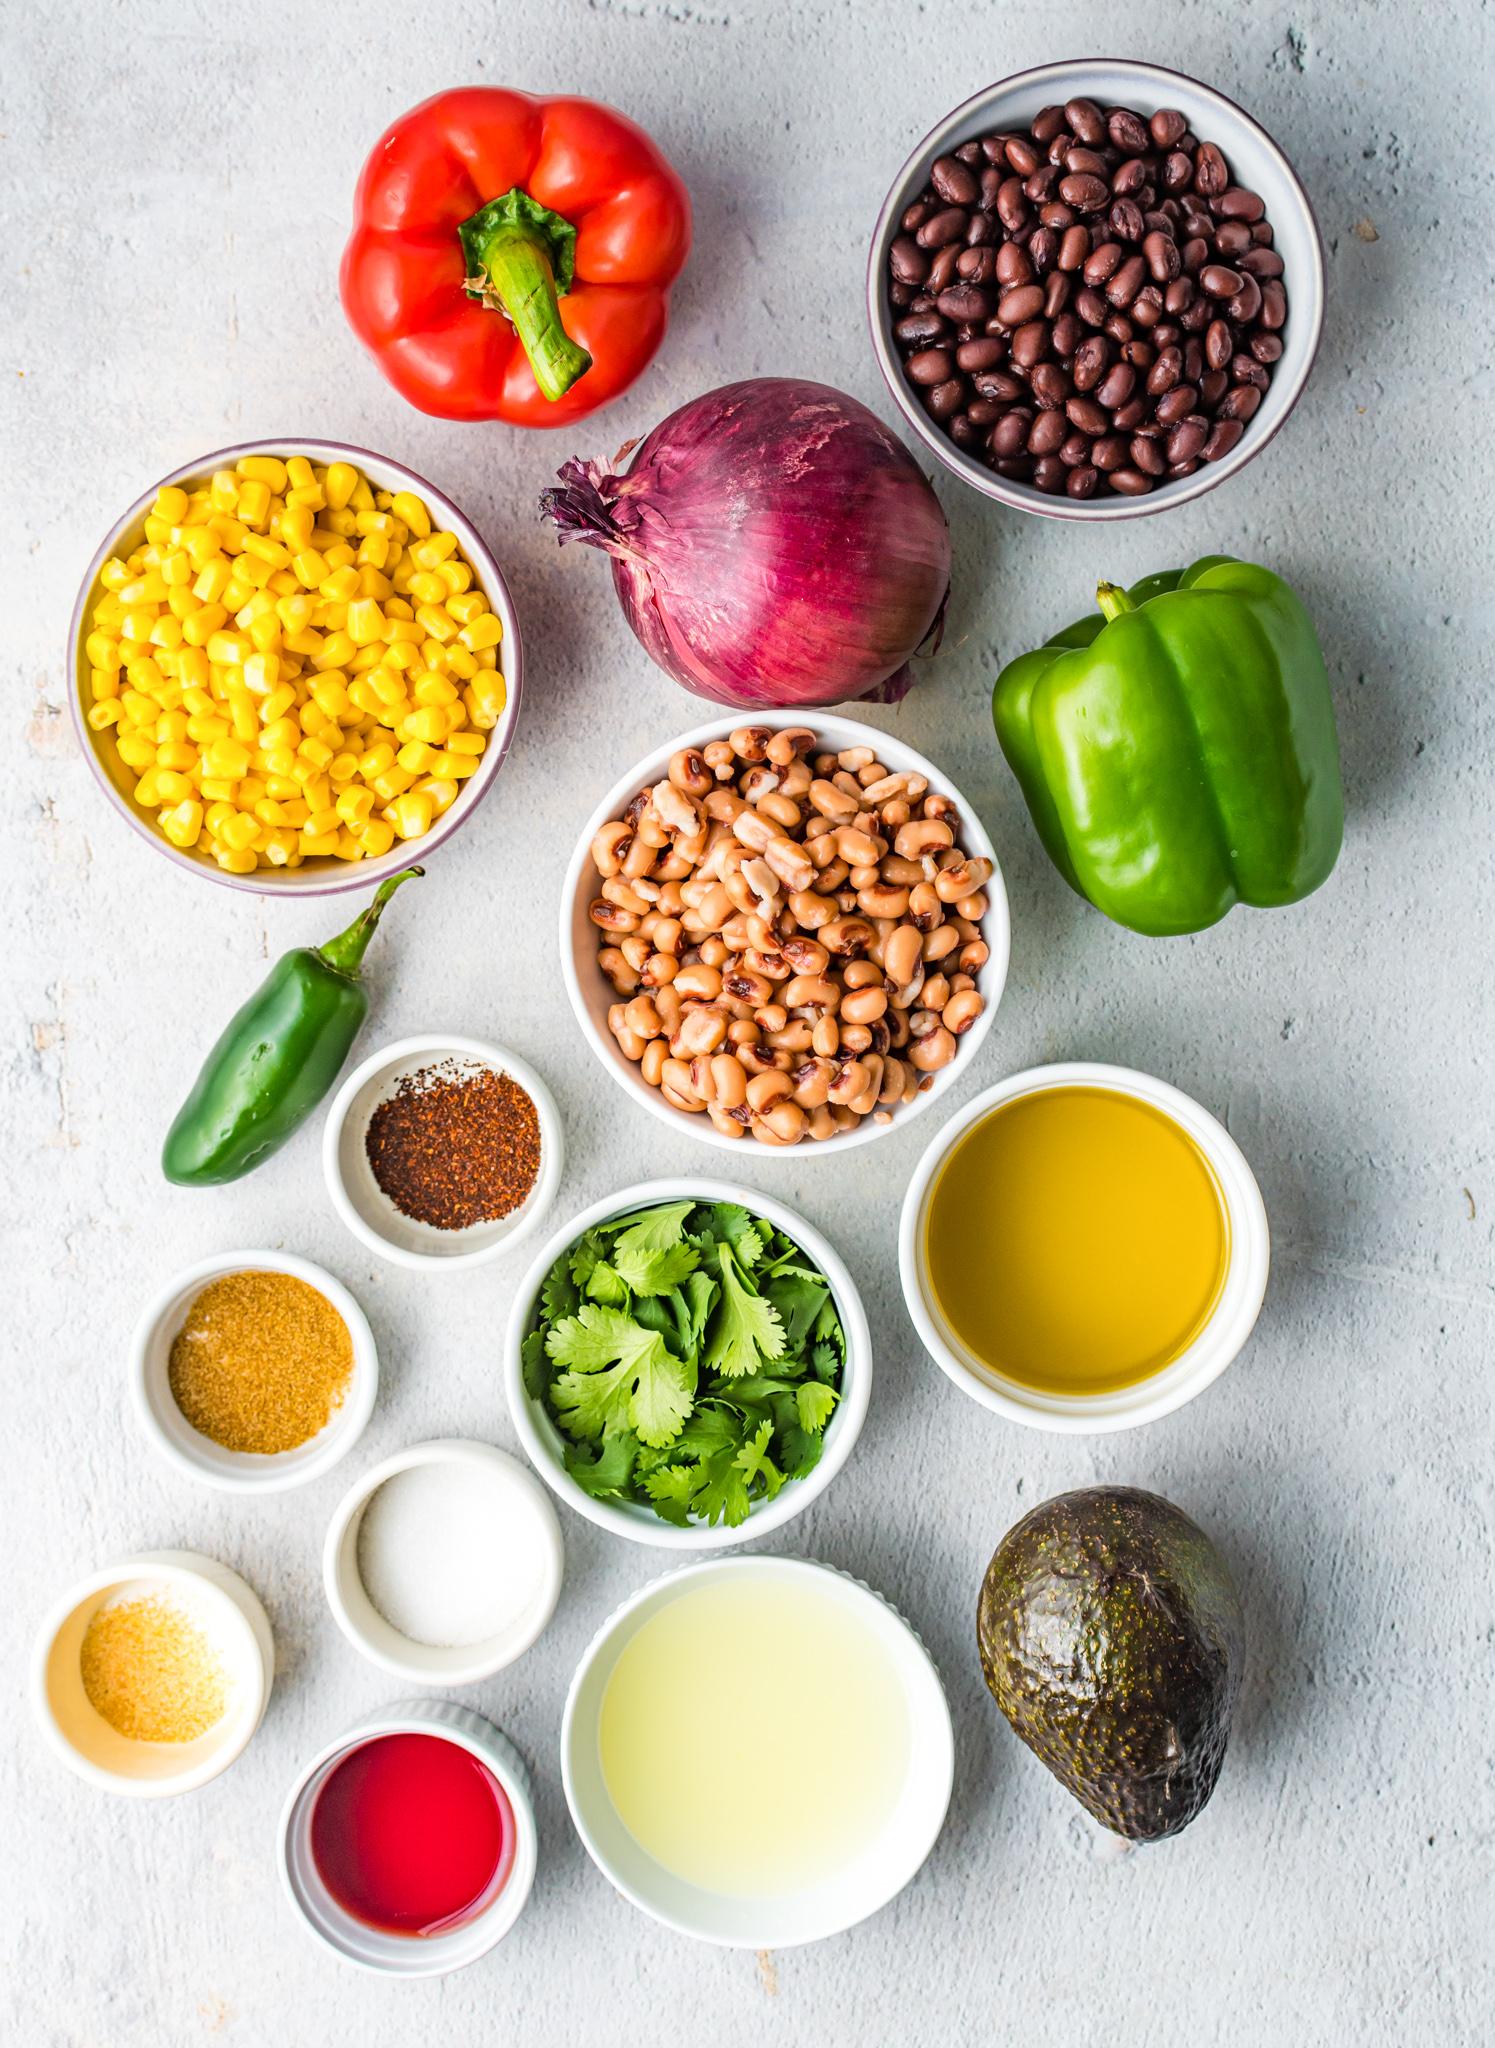 Cowboy Caviar Recipe ingredients.